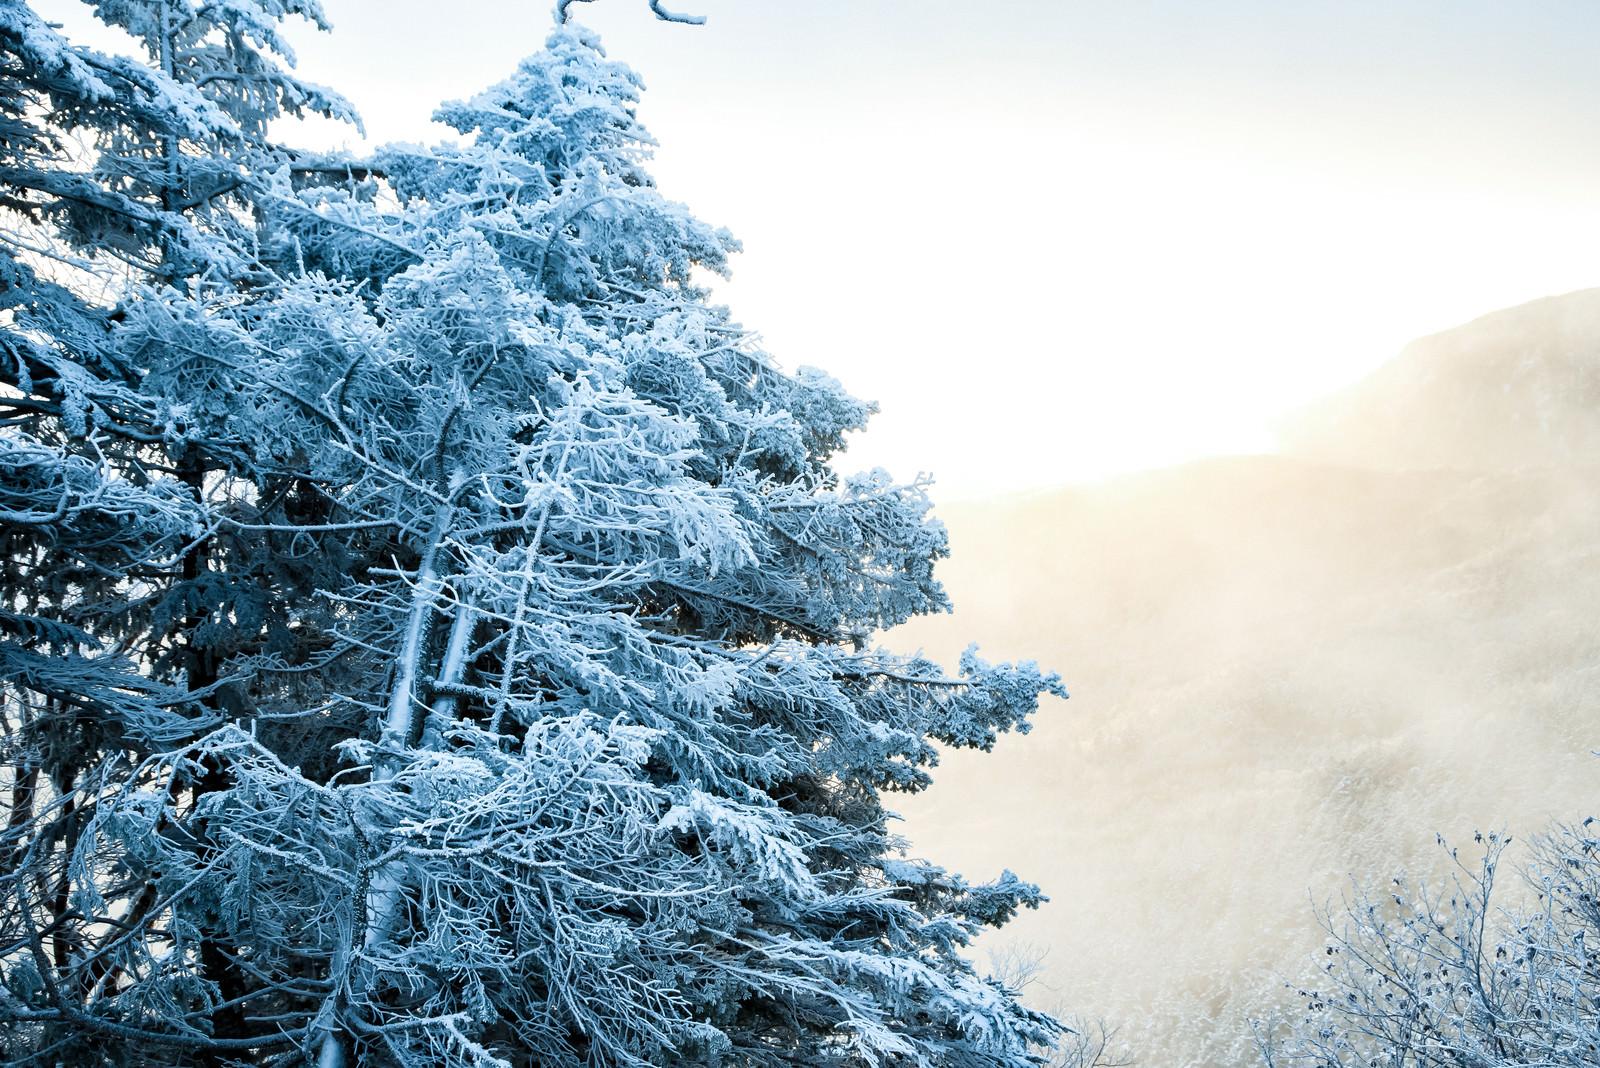 「光り輝く朝日と樹氷」の写真